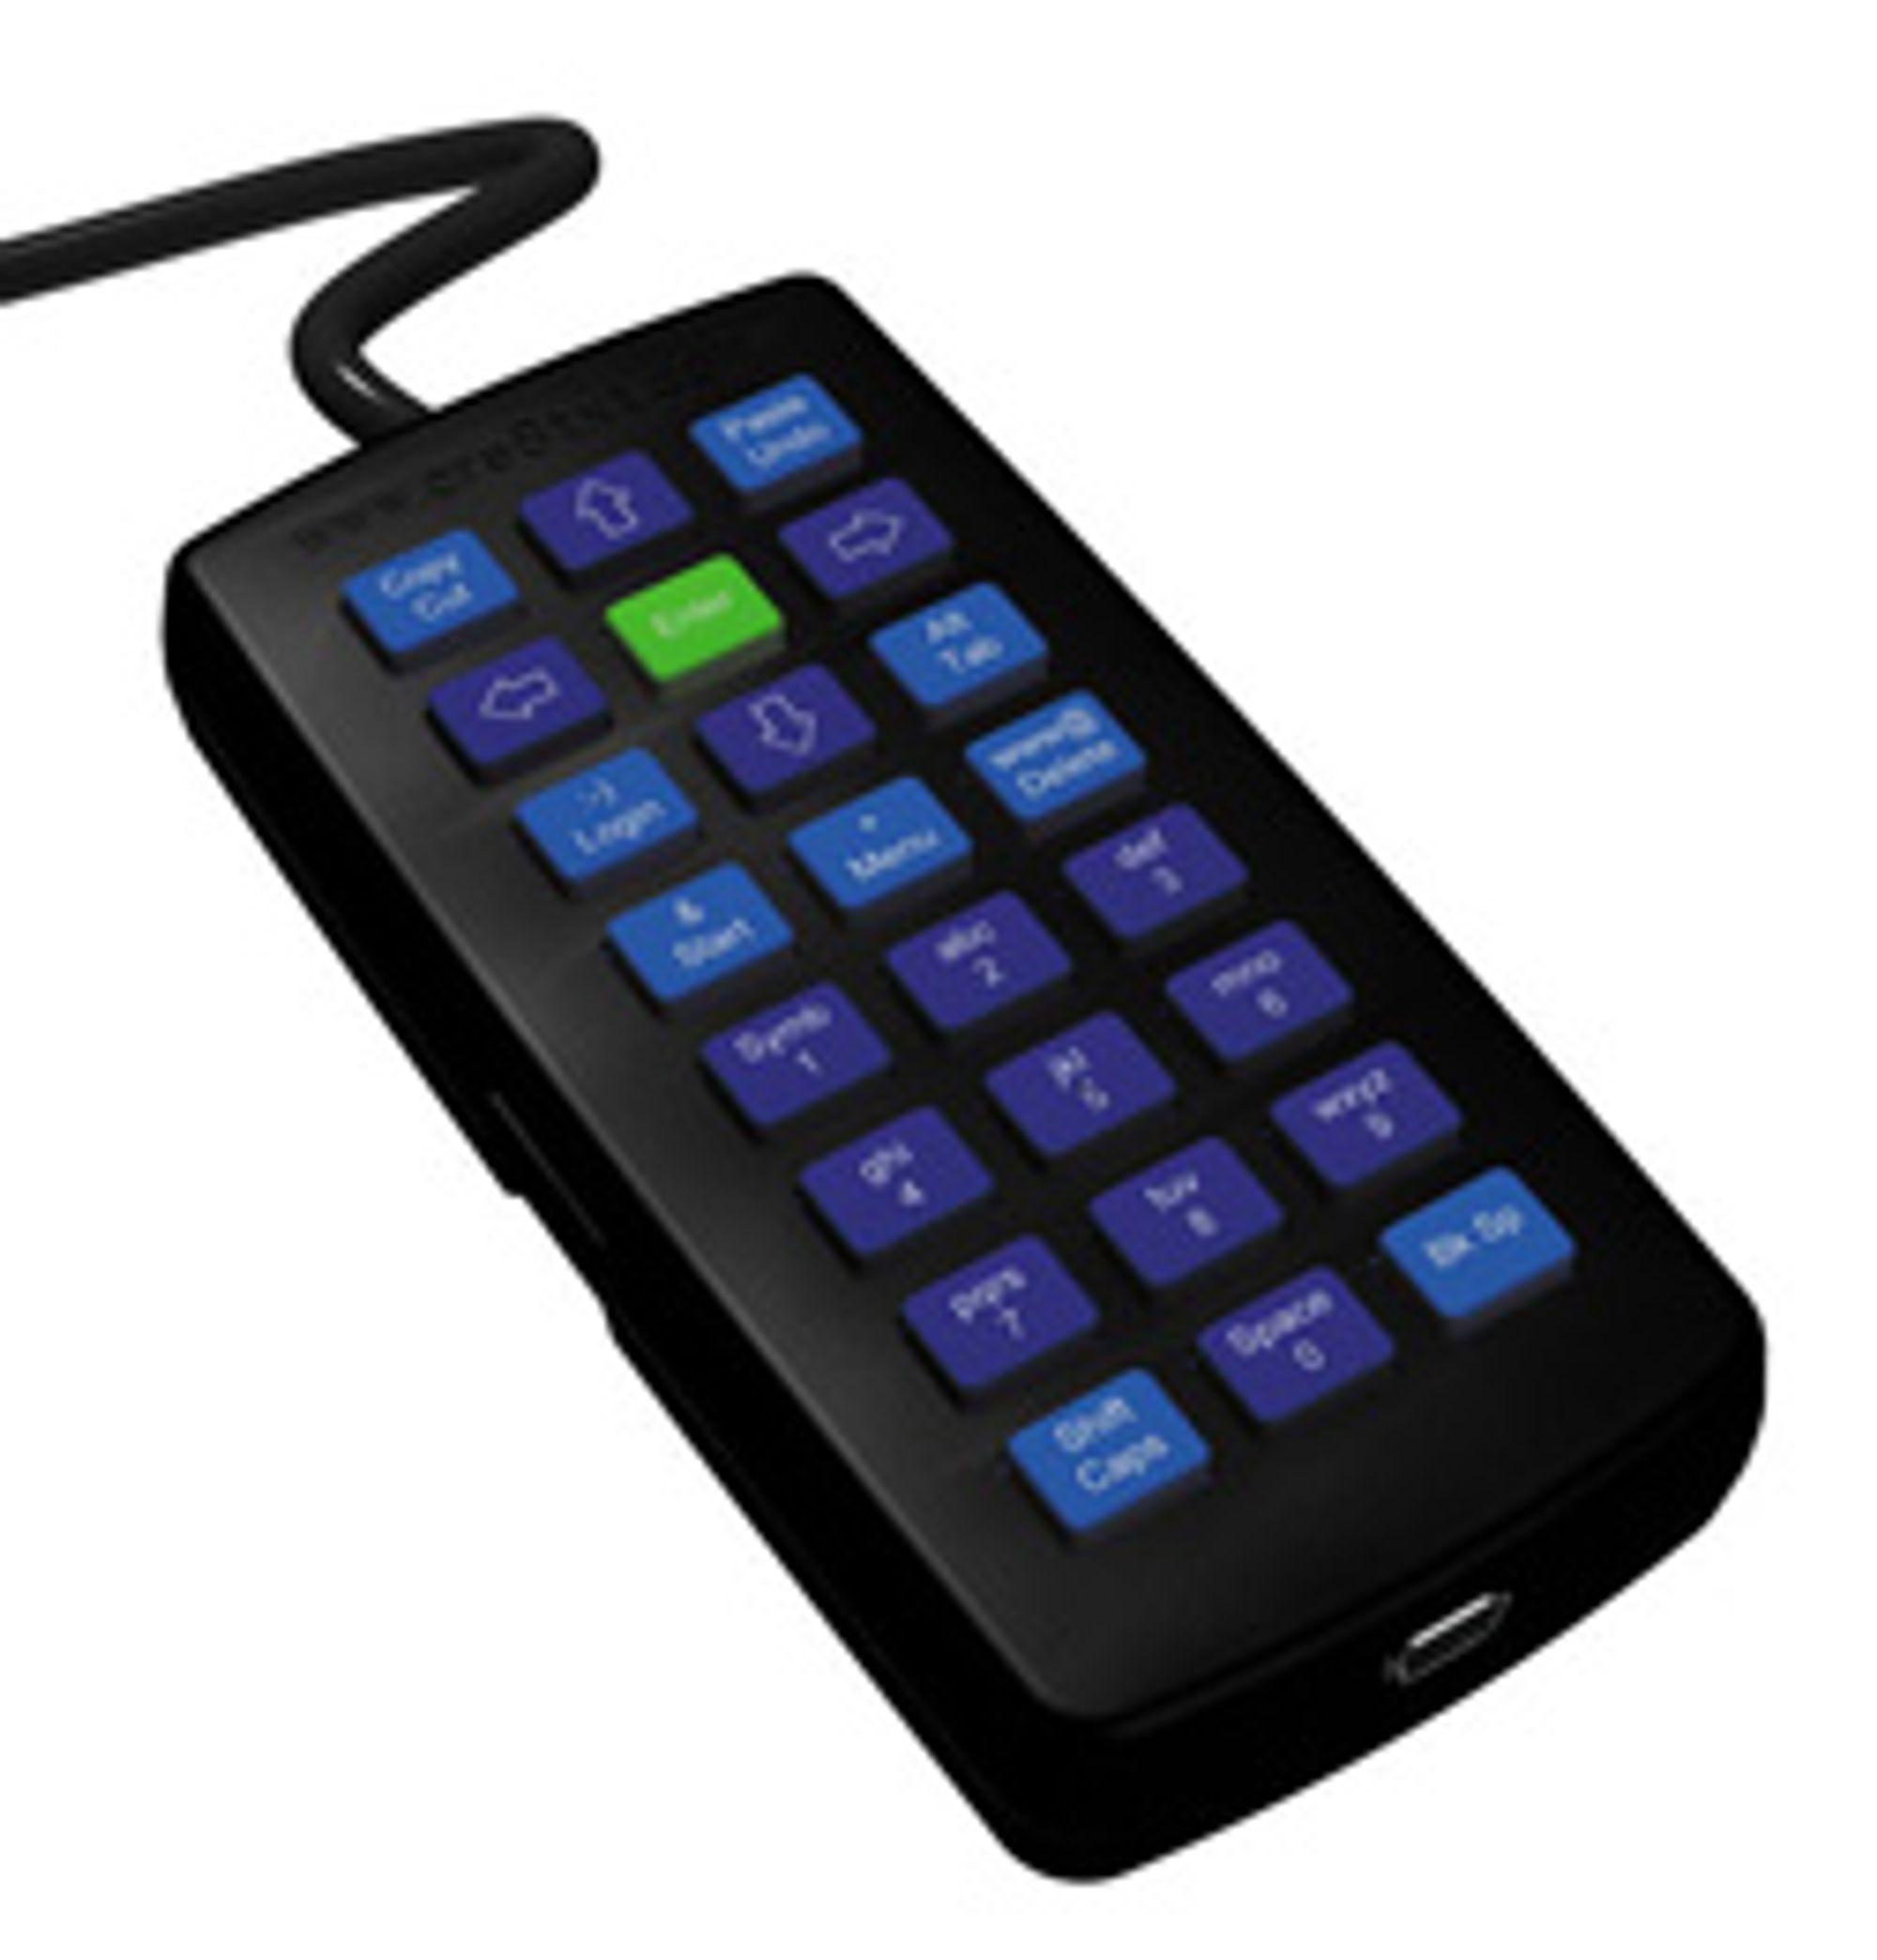 Slik ser SMS-tastaturet til PC ut. (Foto: Cre8txt)